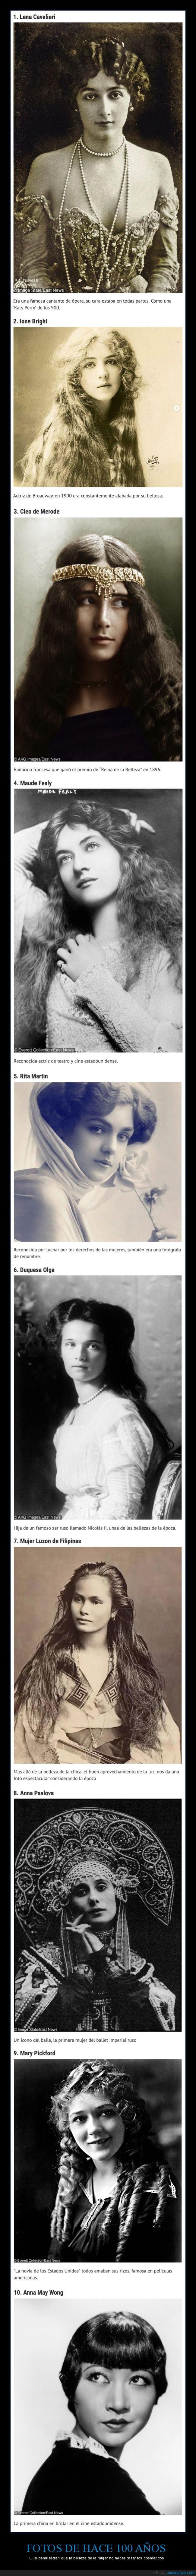 100 años,fotografía,mujeres,retro